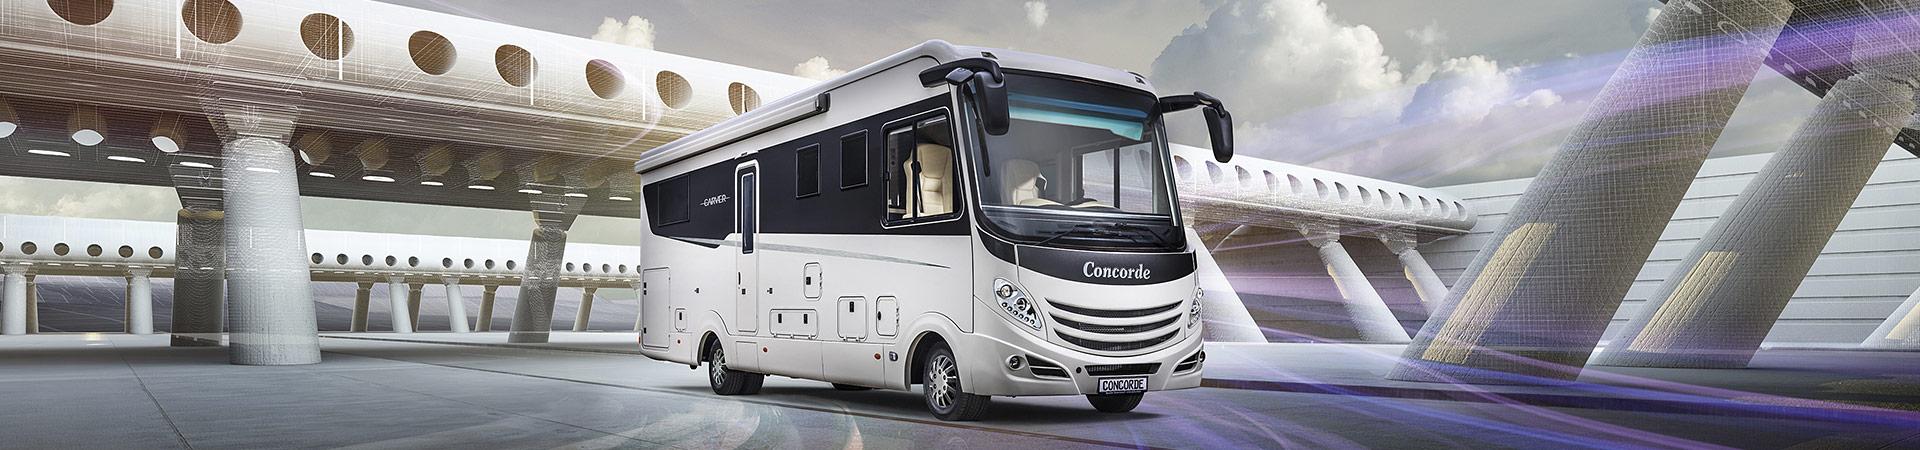 Concorde Luxus-Wohnmobile zum Mieten bei Niesmann Caravaning